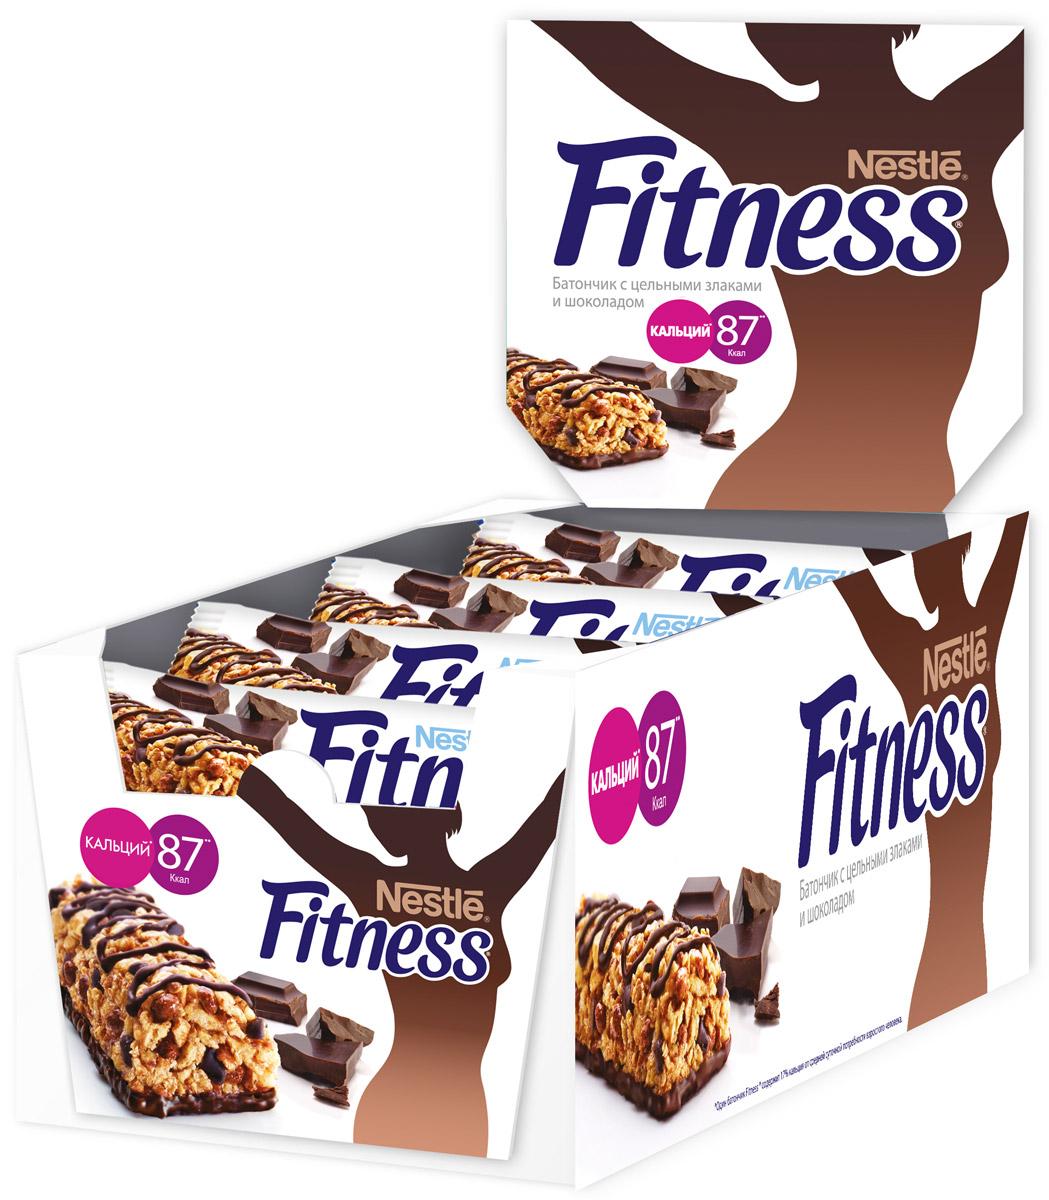 Nestle Fitness Батончик с цельными злаками и шоколадом, 24 шт по 23,5 г12251583Батончик Nestle Fitness (Нестле Фитнес) с цельными злаками и шоколадом - полезный перекус без вреда для вашей фигуры!Батончик Fitness содержит много клетчатки и мало жира. Клетчатка в цельных злаках регулирует пищеварение, способствуя поддержанию оптимального веса тела (при условии сбалансированного питания и регулярных физических активностей). Сложные углеводы перевариваются медленнее и позволяют сохранять чувство сытости дольше.Обогащен витаминами D, B2, B6, кальцием и железом.